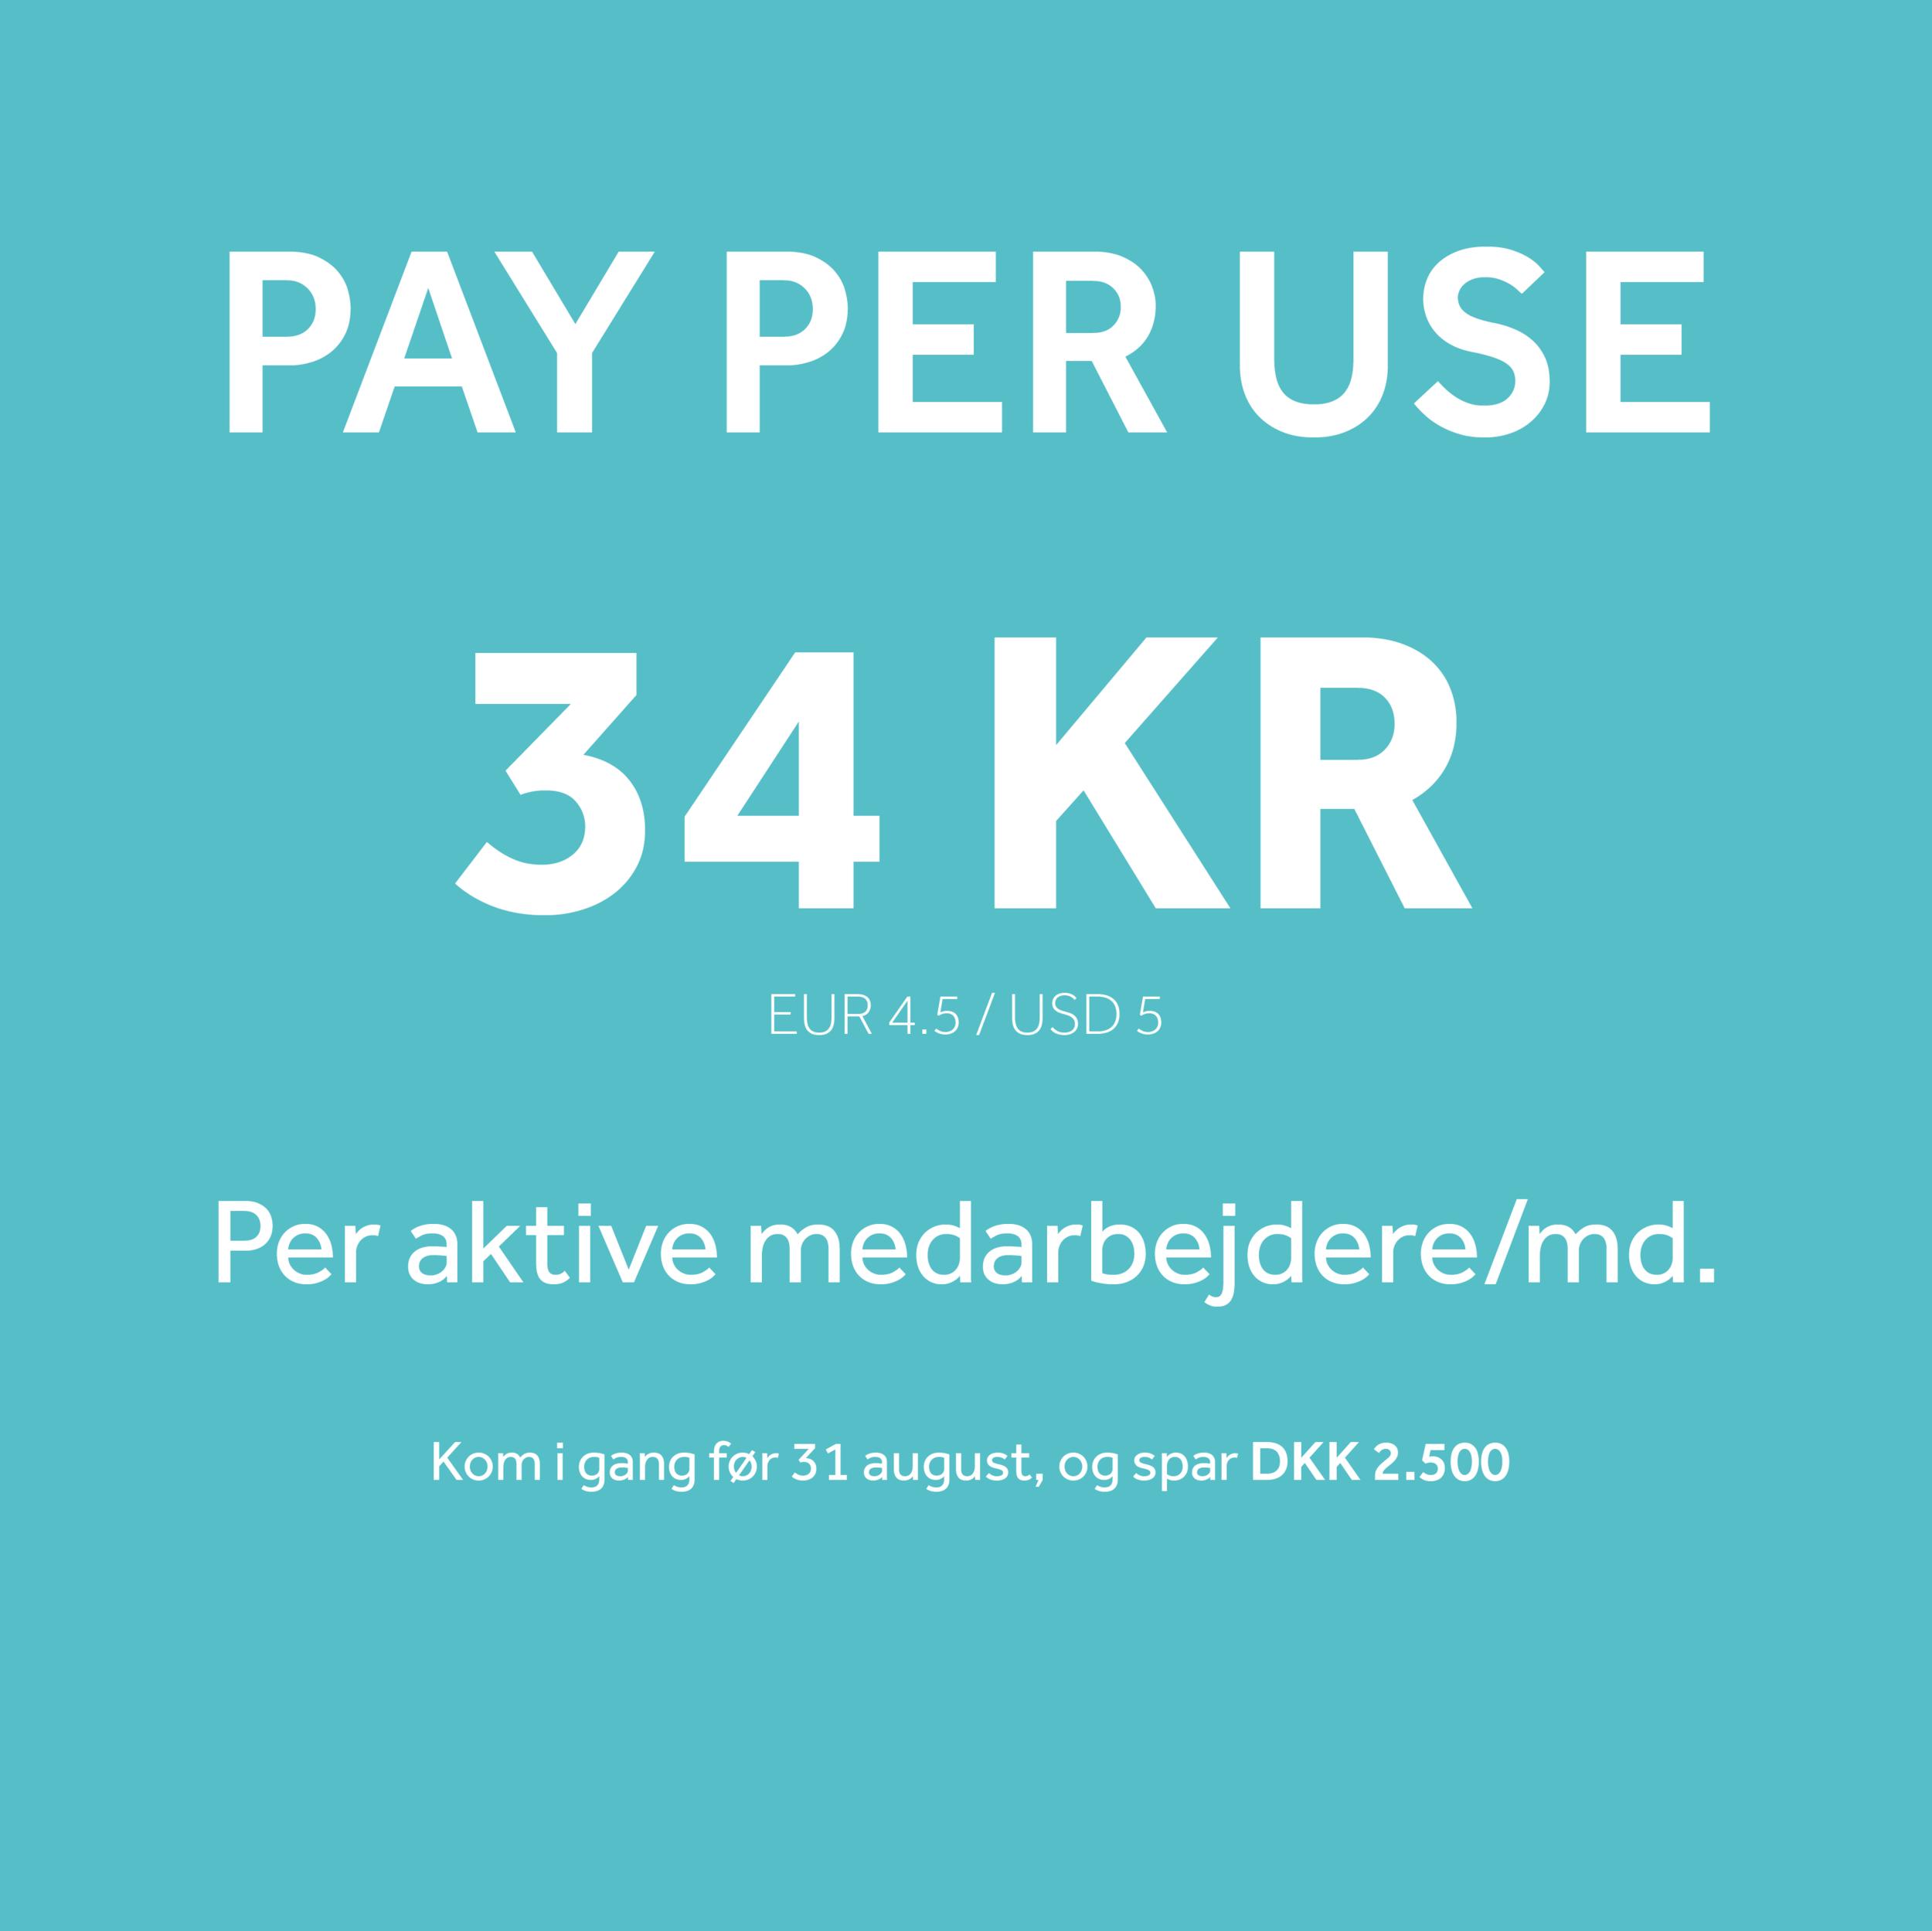 payperusedk-04-04.png